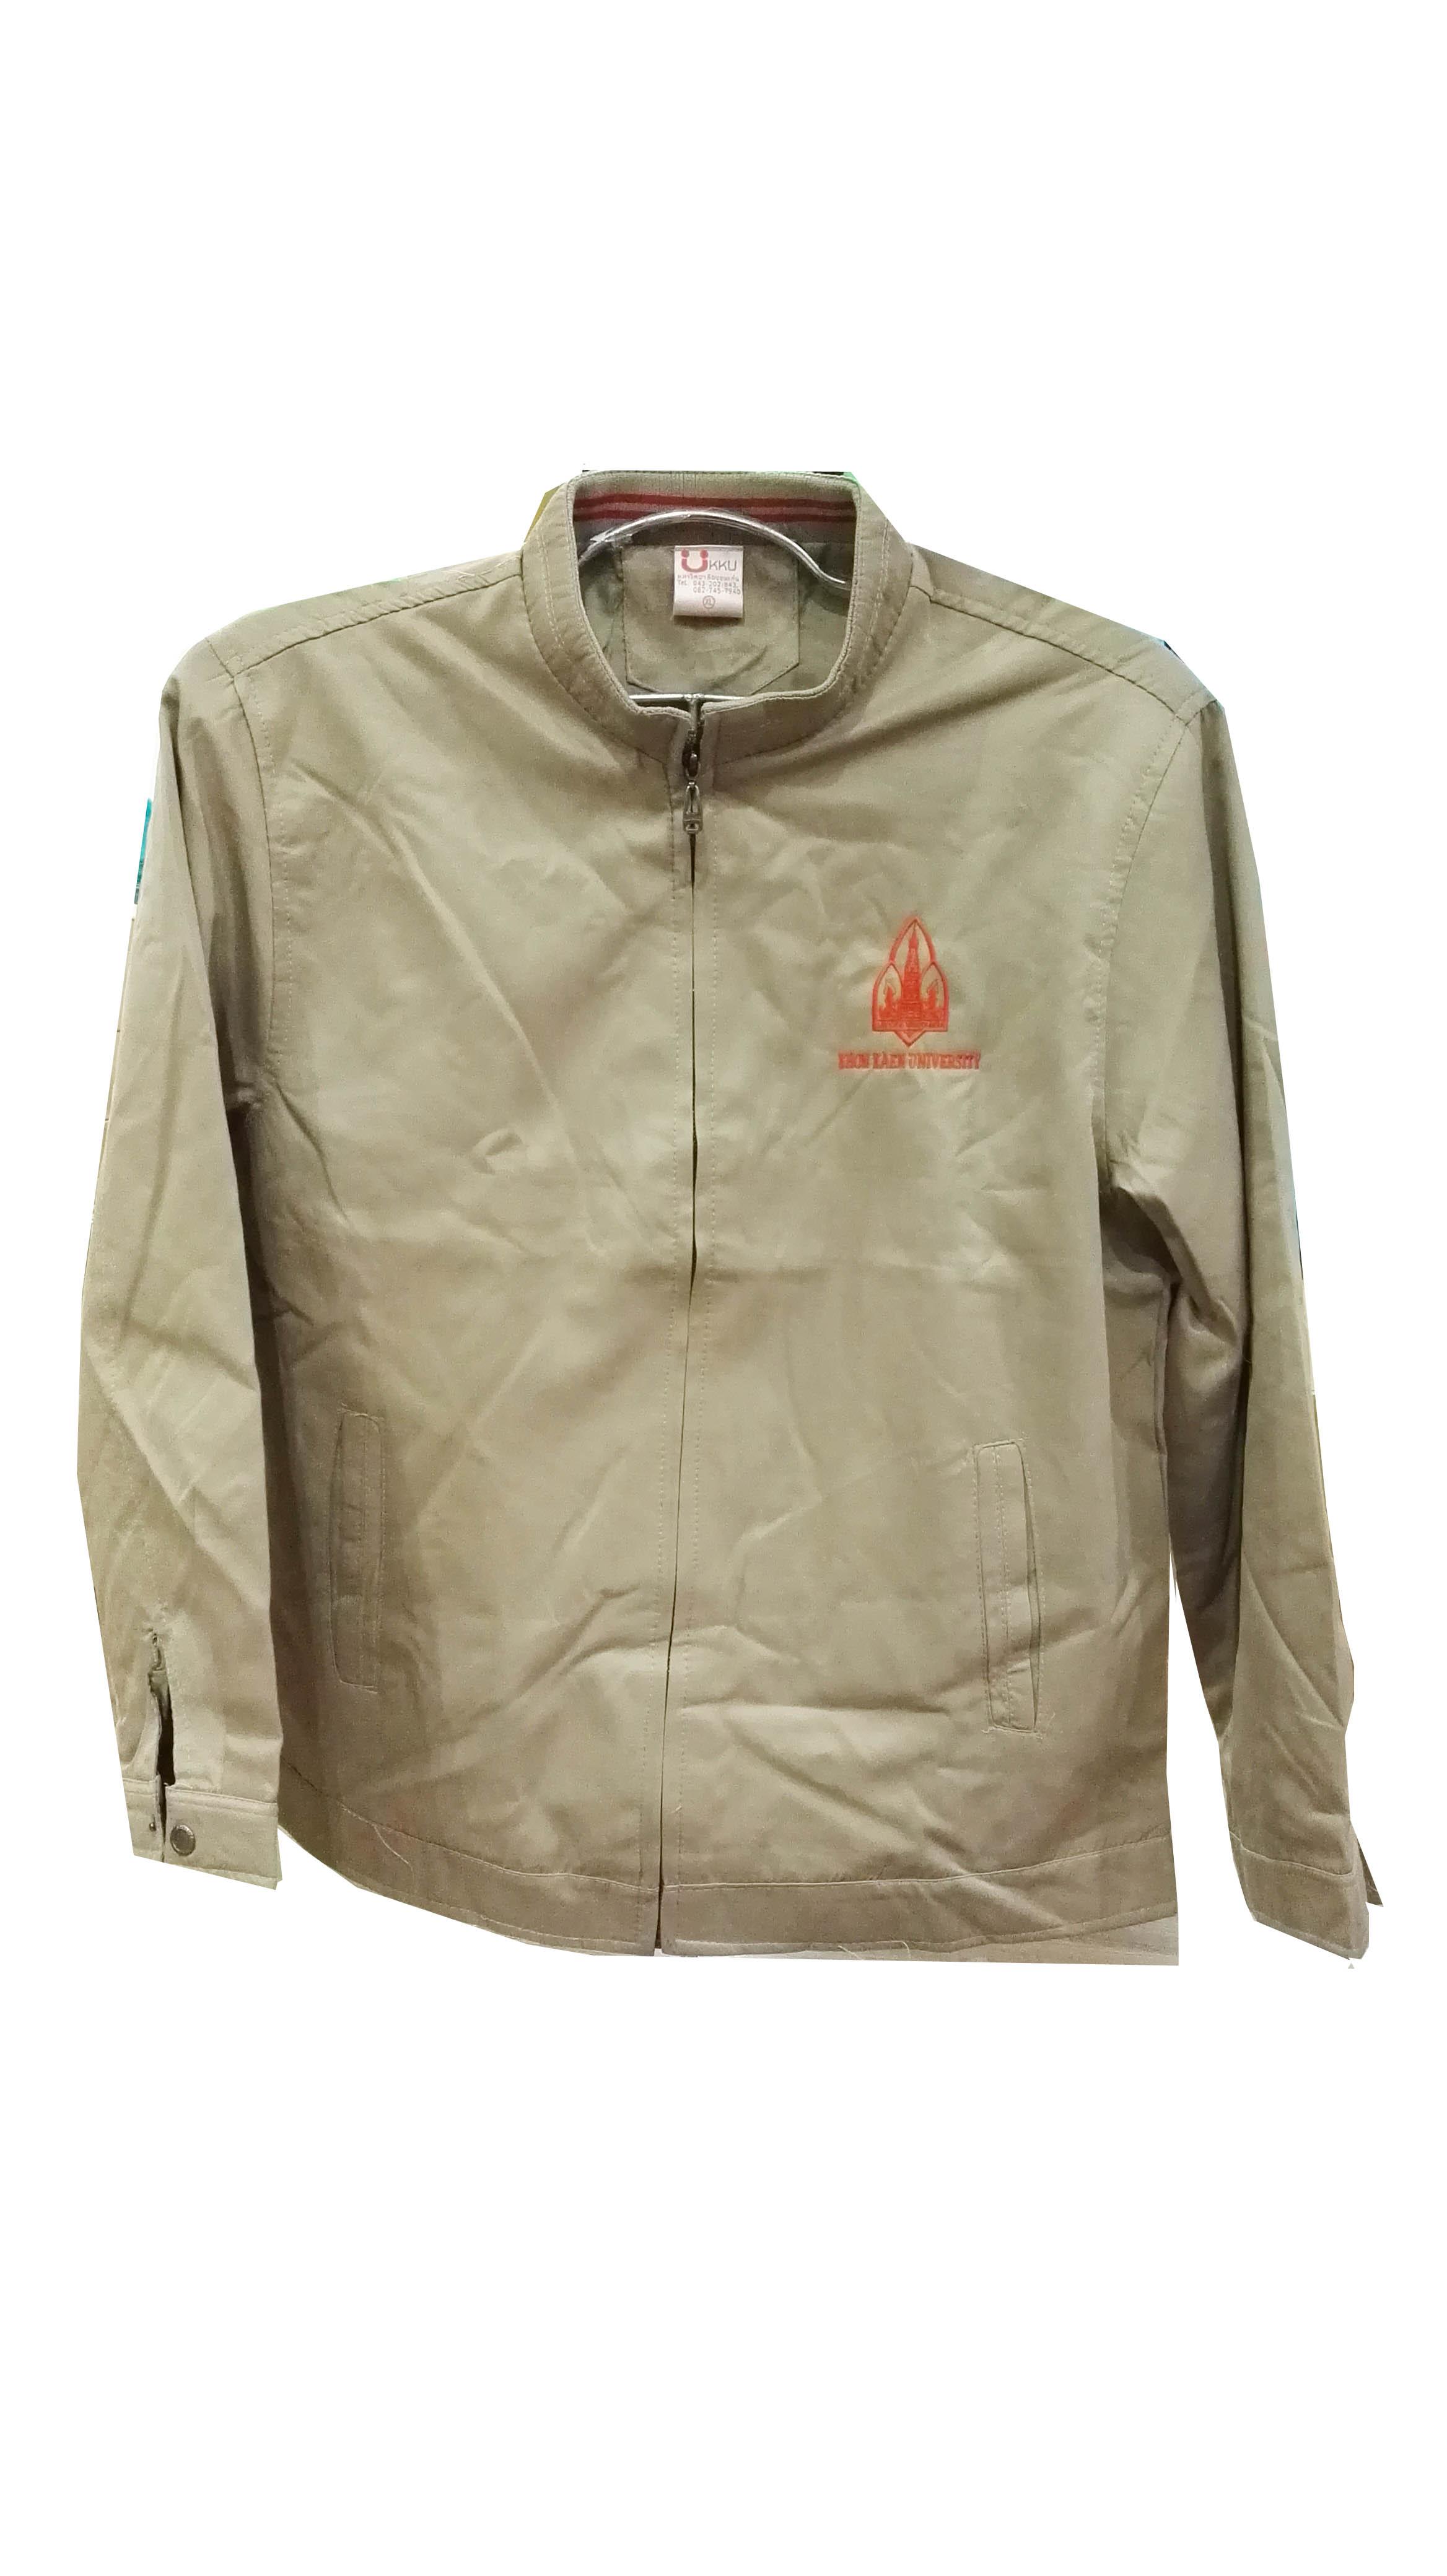 เสื้อแจ็คเก็ตคอจีนสีน้ำตาล Size XL